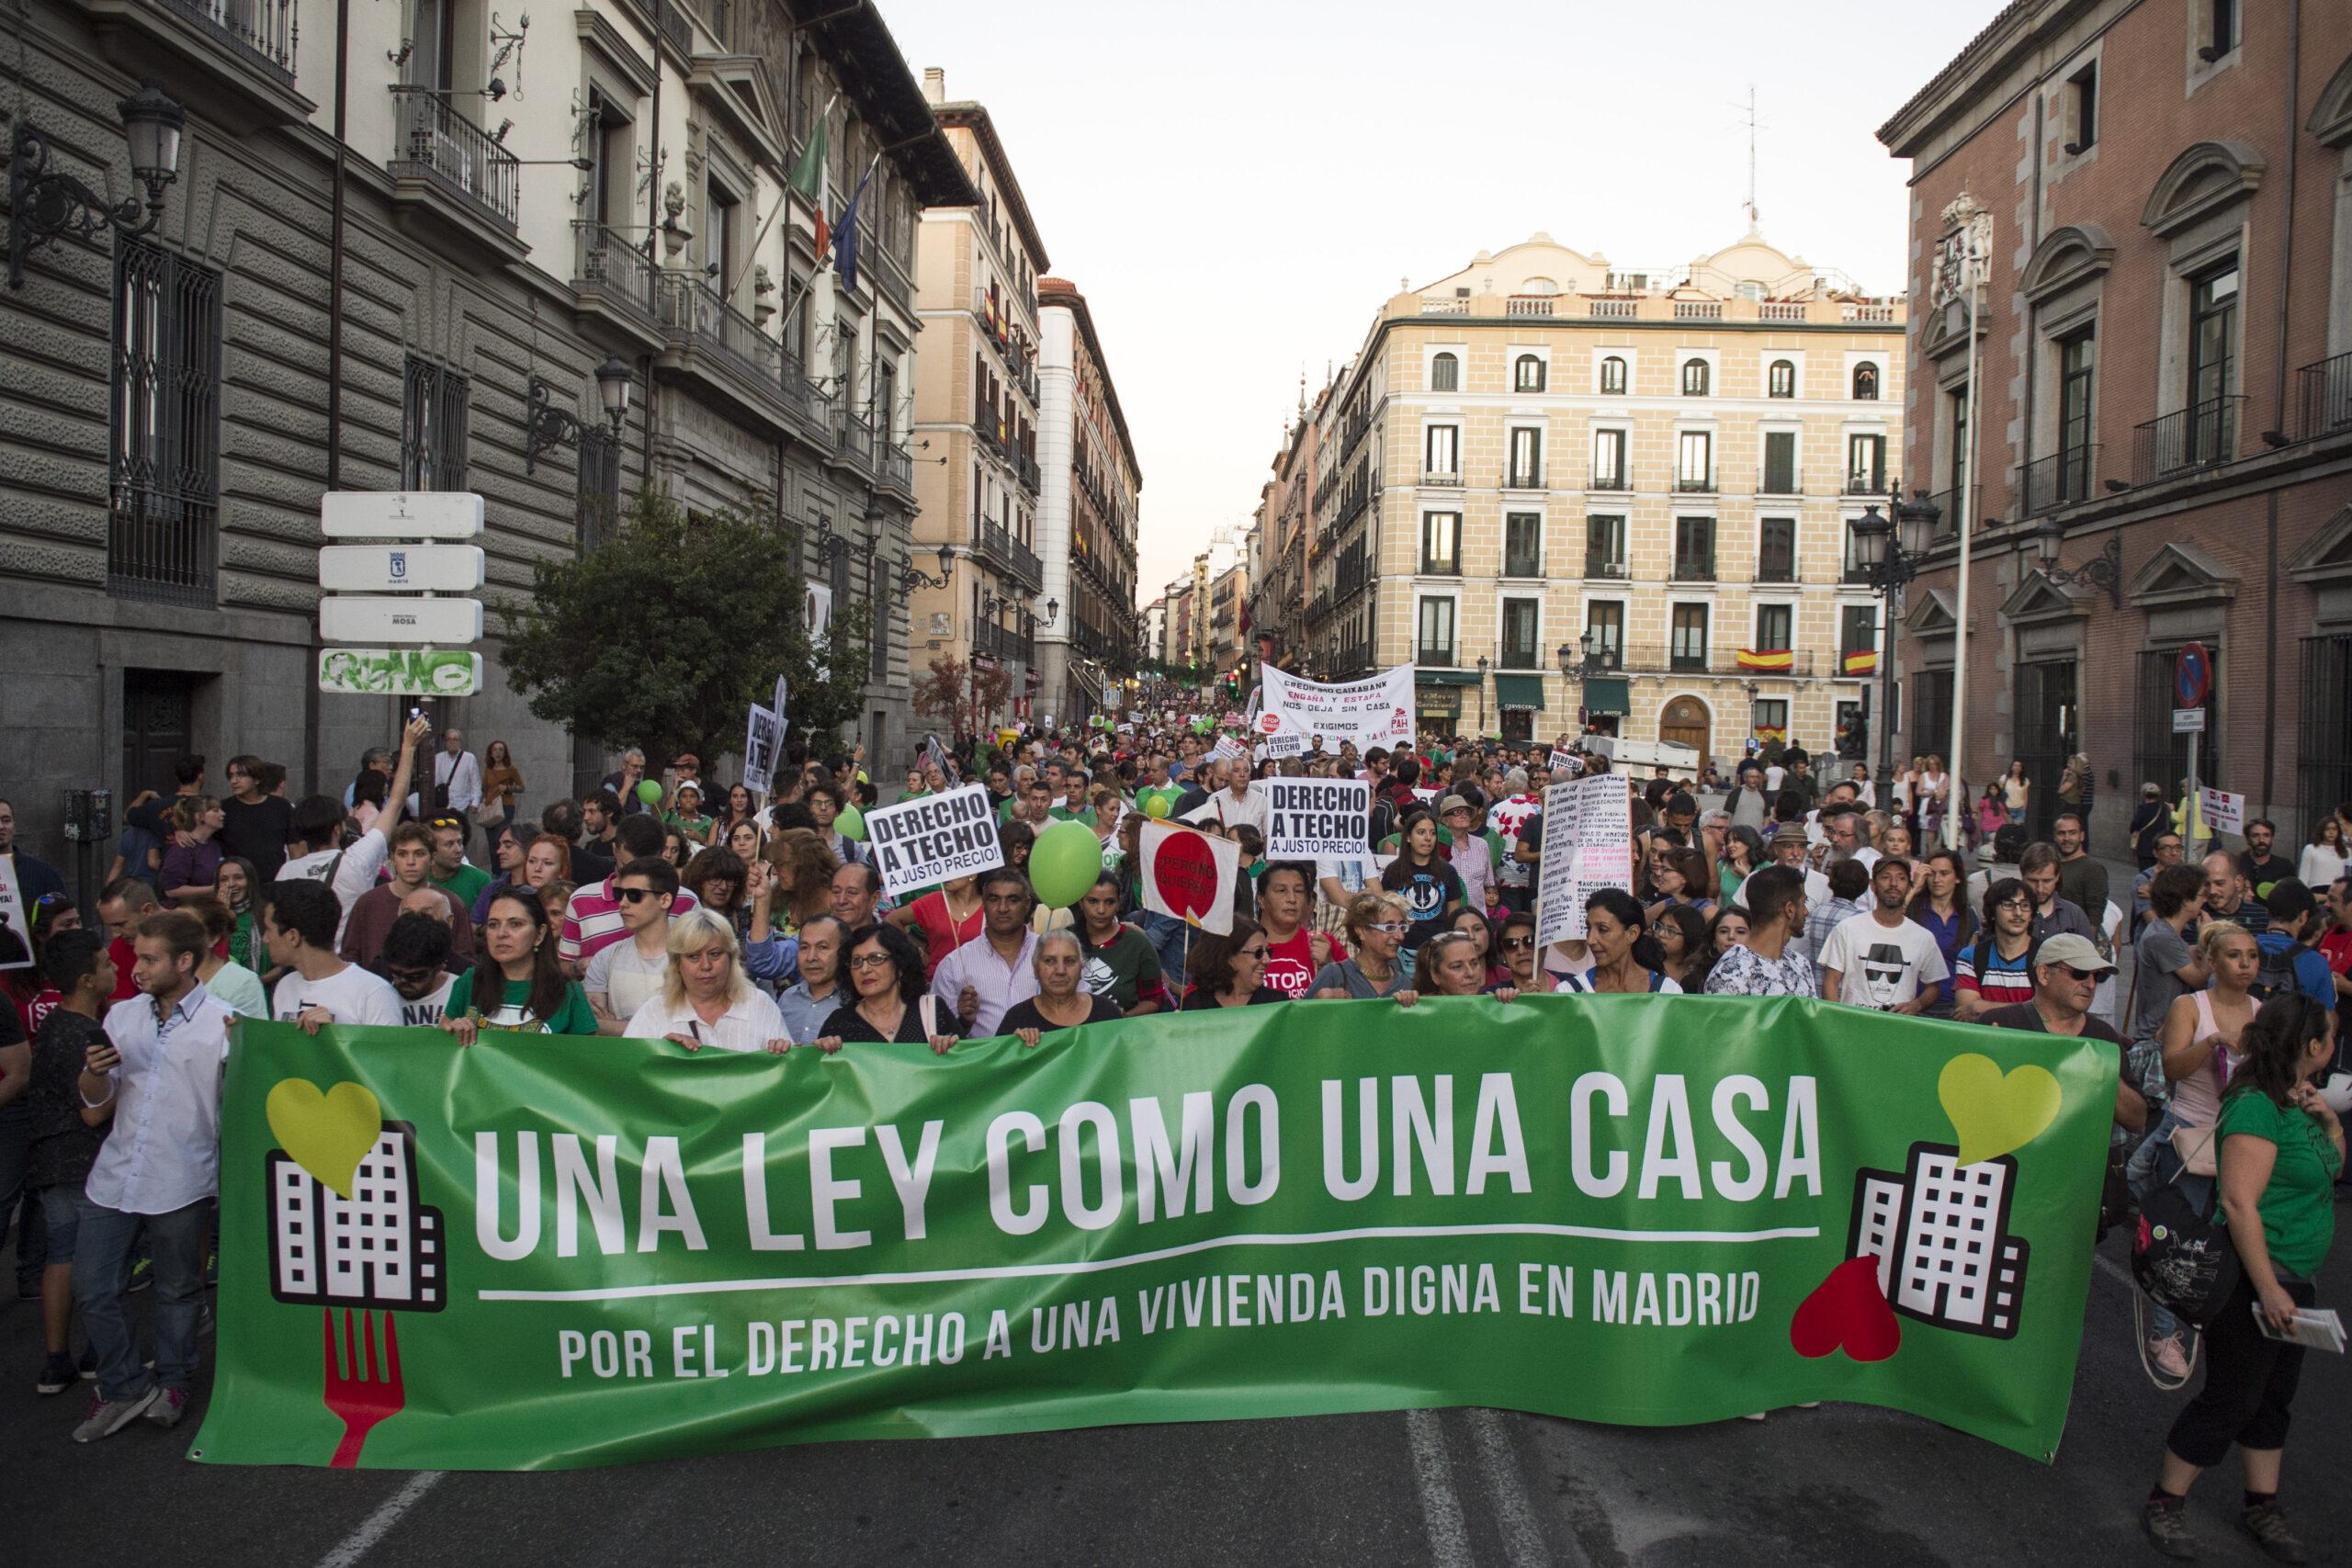 La vivienda en crisis: partidos políticos se enfrentan por leyes de alquiler en España